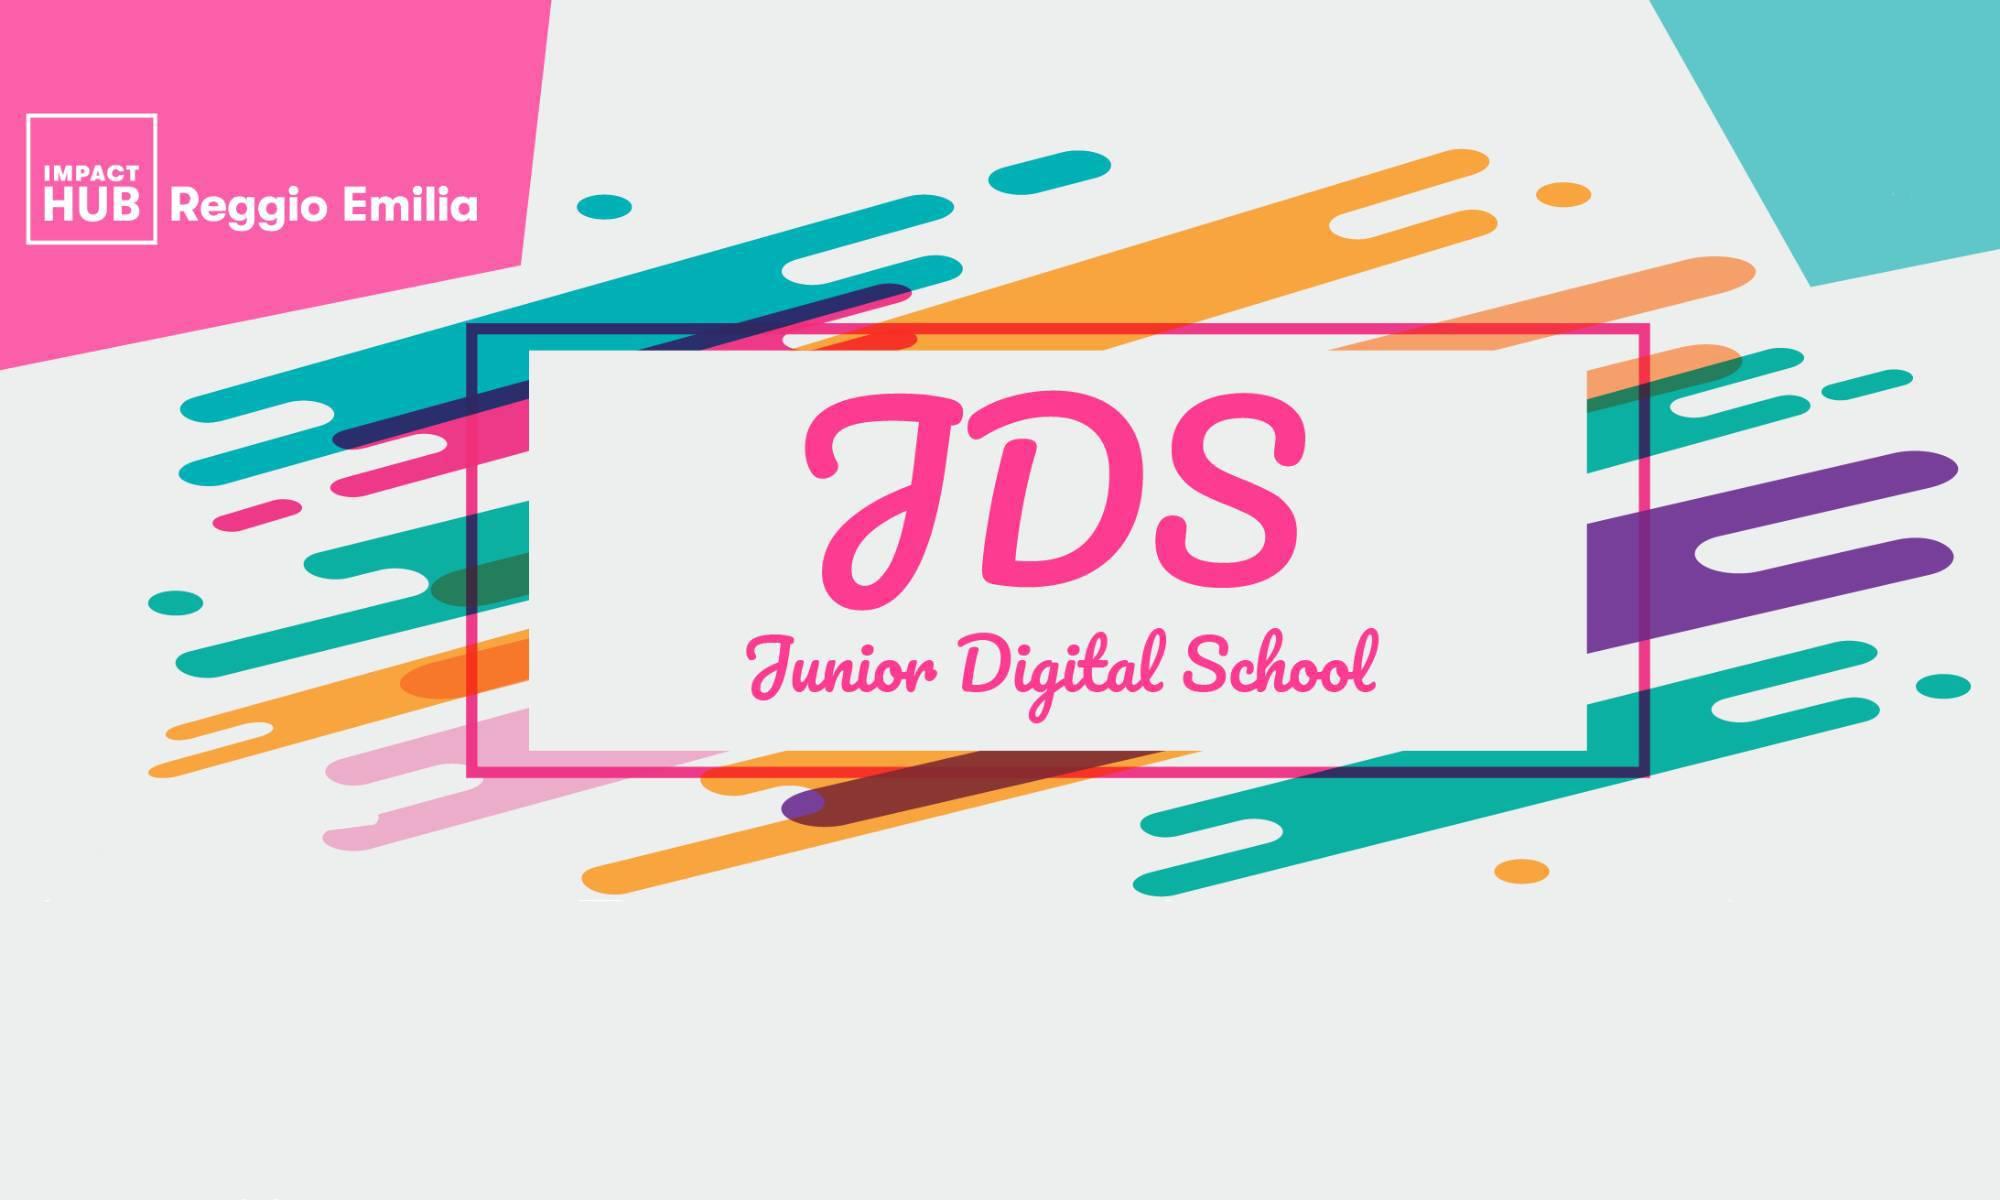 Junior Digital School